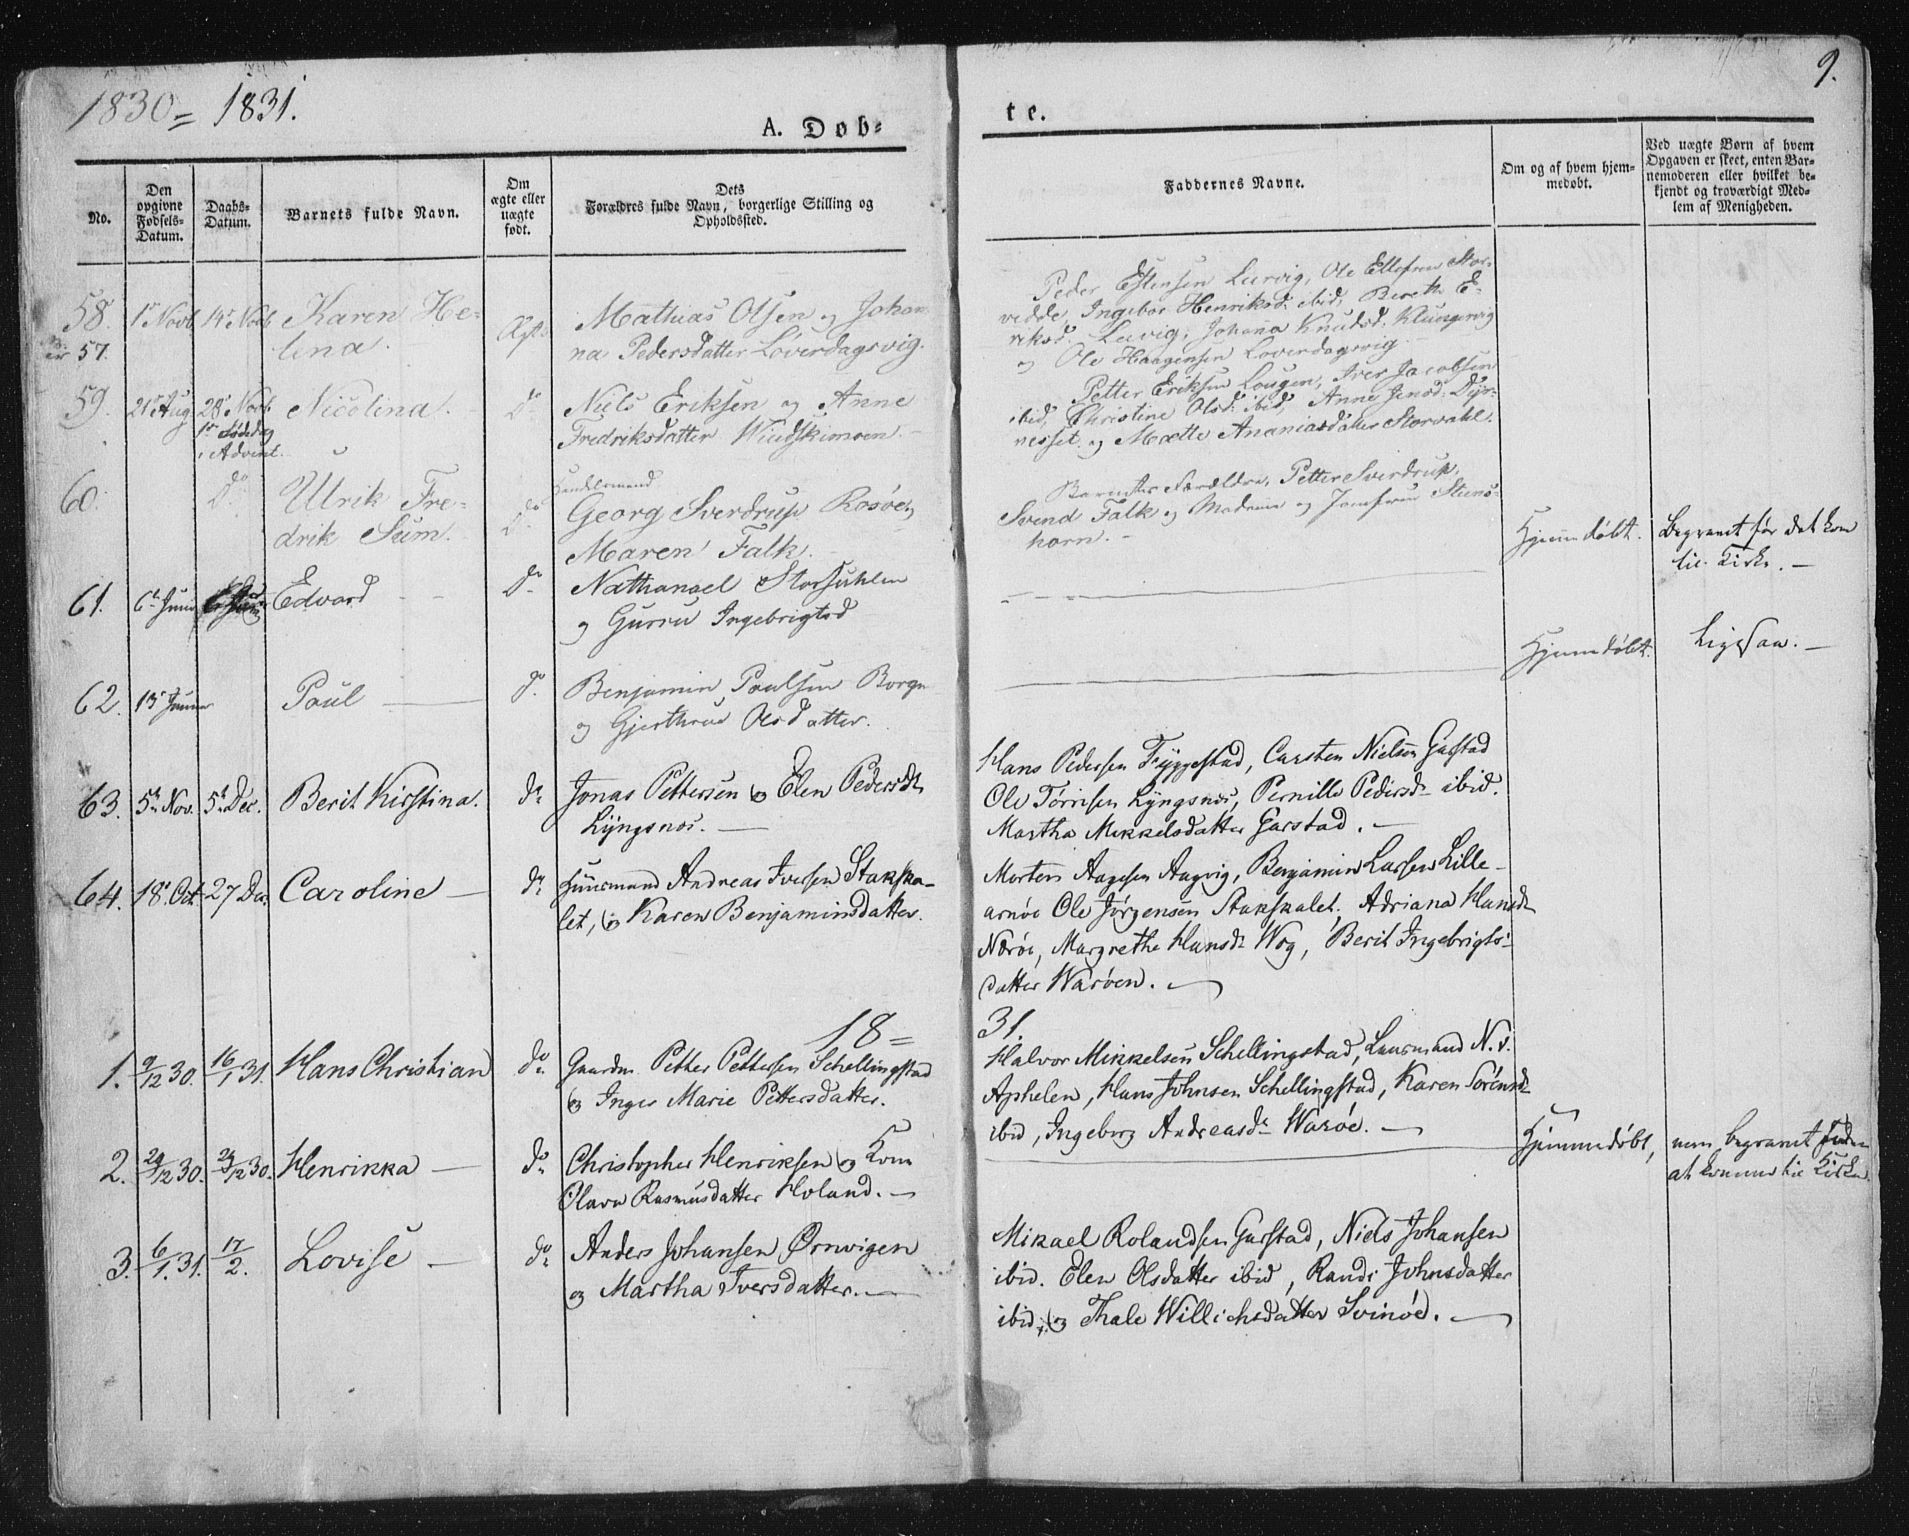 SAT, Ministerialprotokoller, klokkerbøker og fødselsregistre - Nord-Trøndelag, 784/L0669: Ministerialbok nr. 784A04, 1829-1859, s. 9